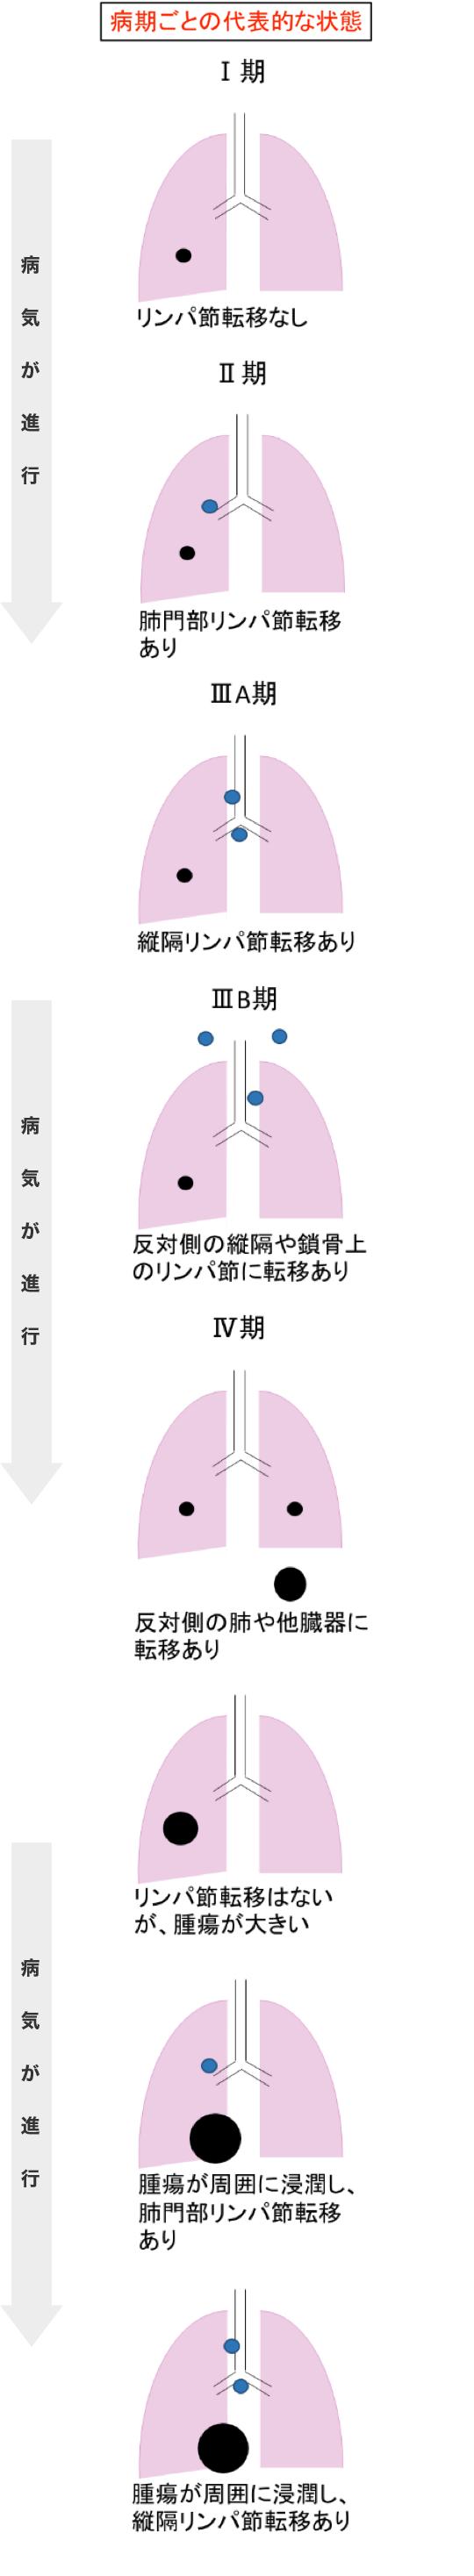 4 肺がん ブログ ステージ